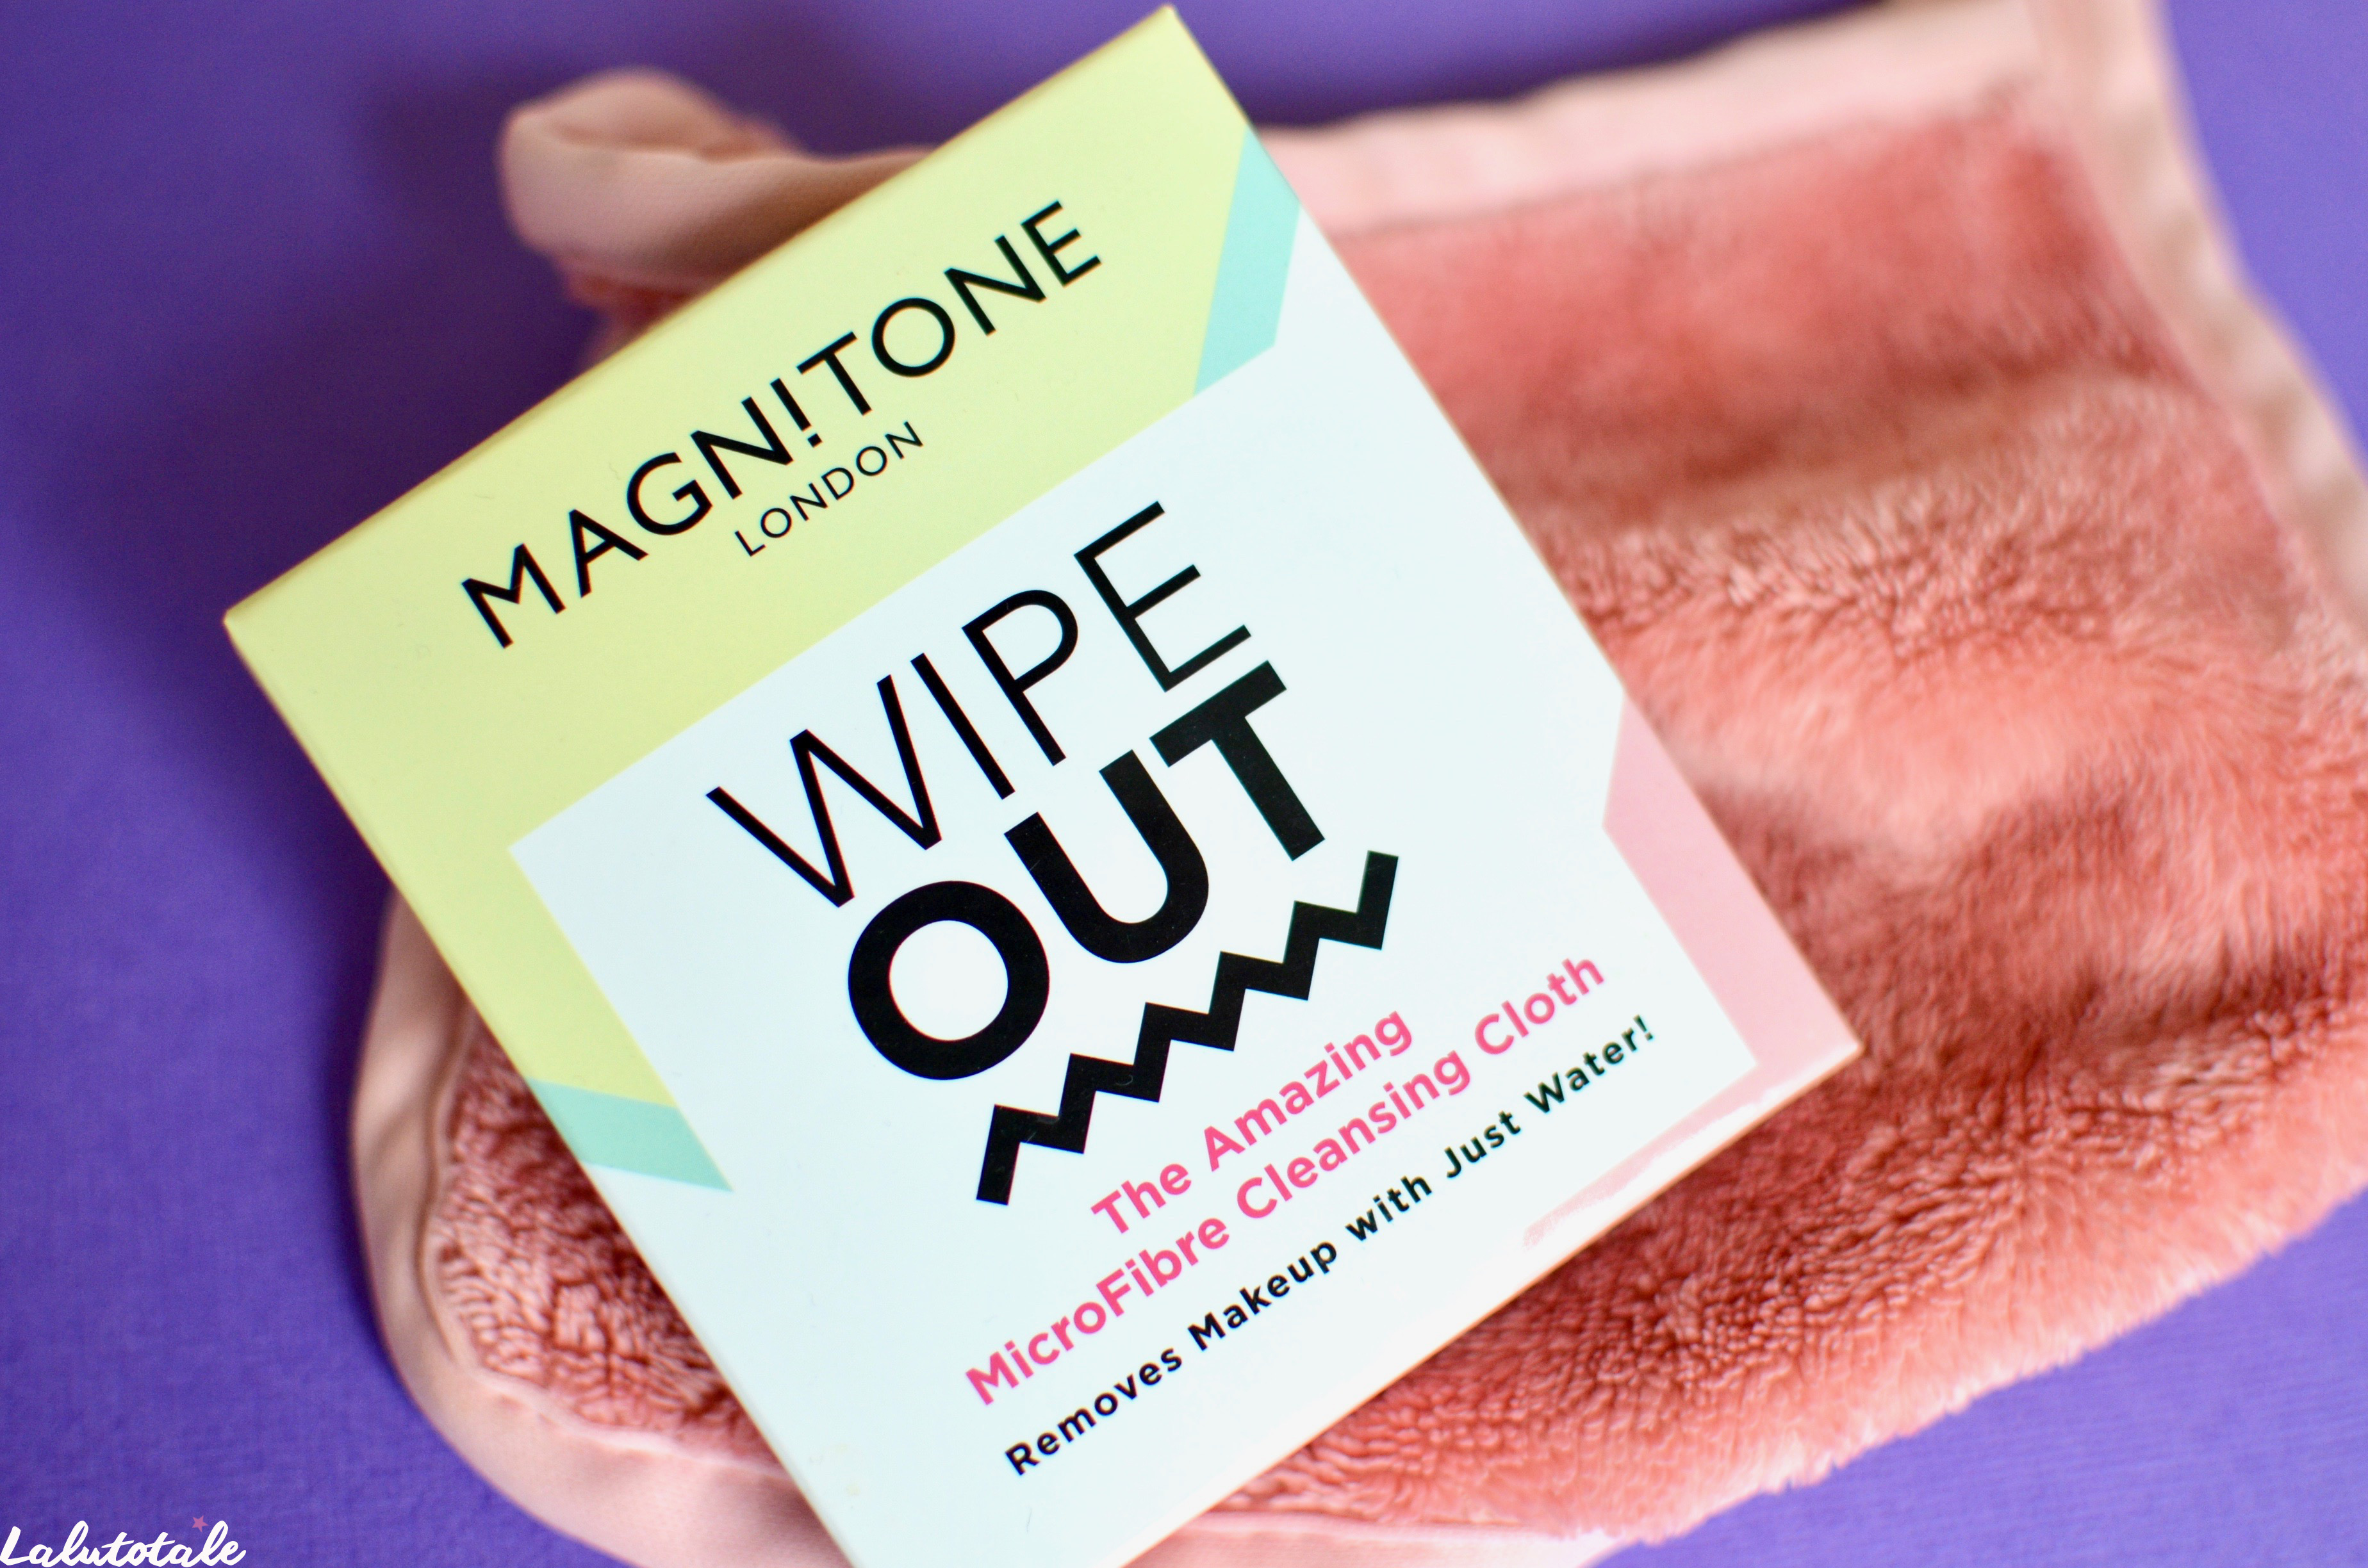 ( MAGNITONE ) La serviette microfibre démaquillante Wipe Out : une vraie révolution ?